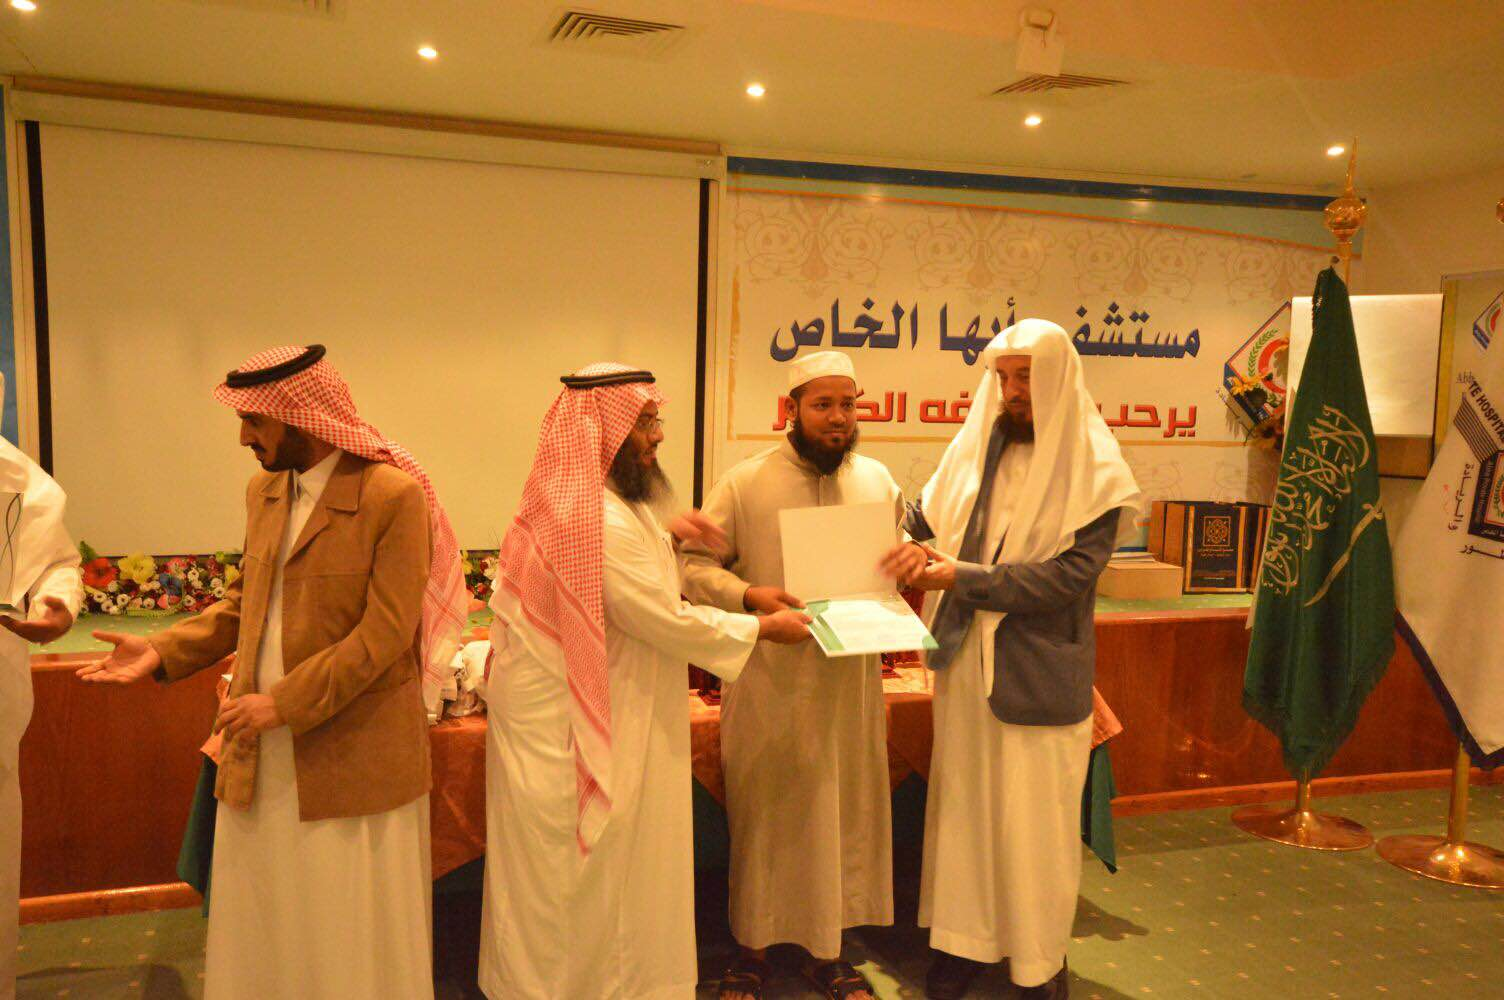 دورة ضوابط دعوة غير المسلمين للإسلام (1)